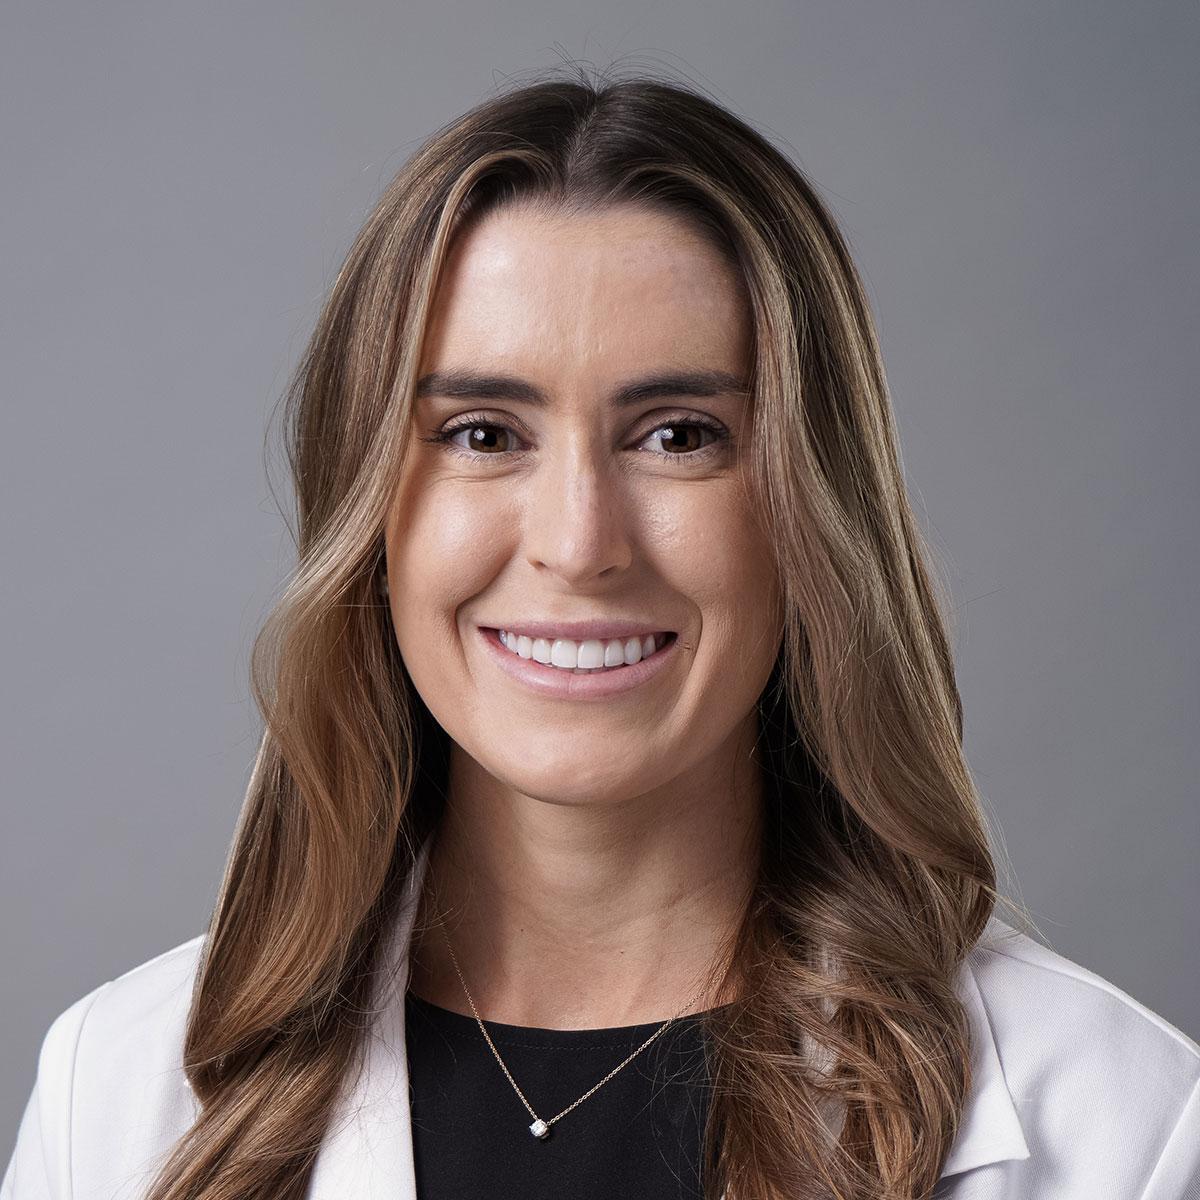 Deborah-Cook-MD